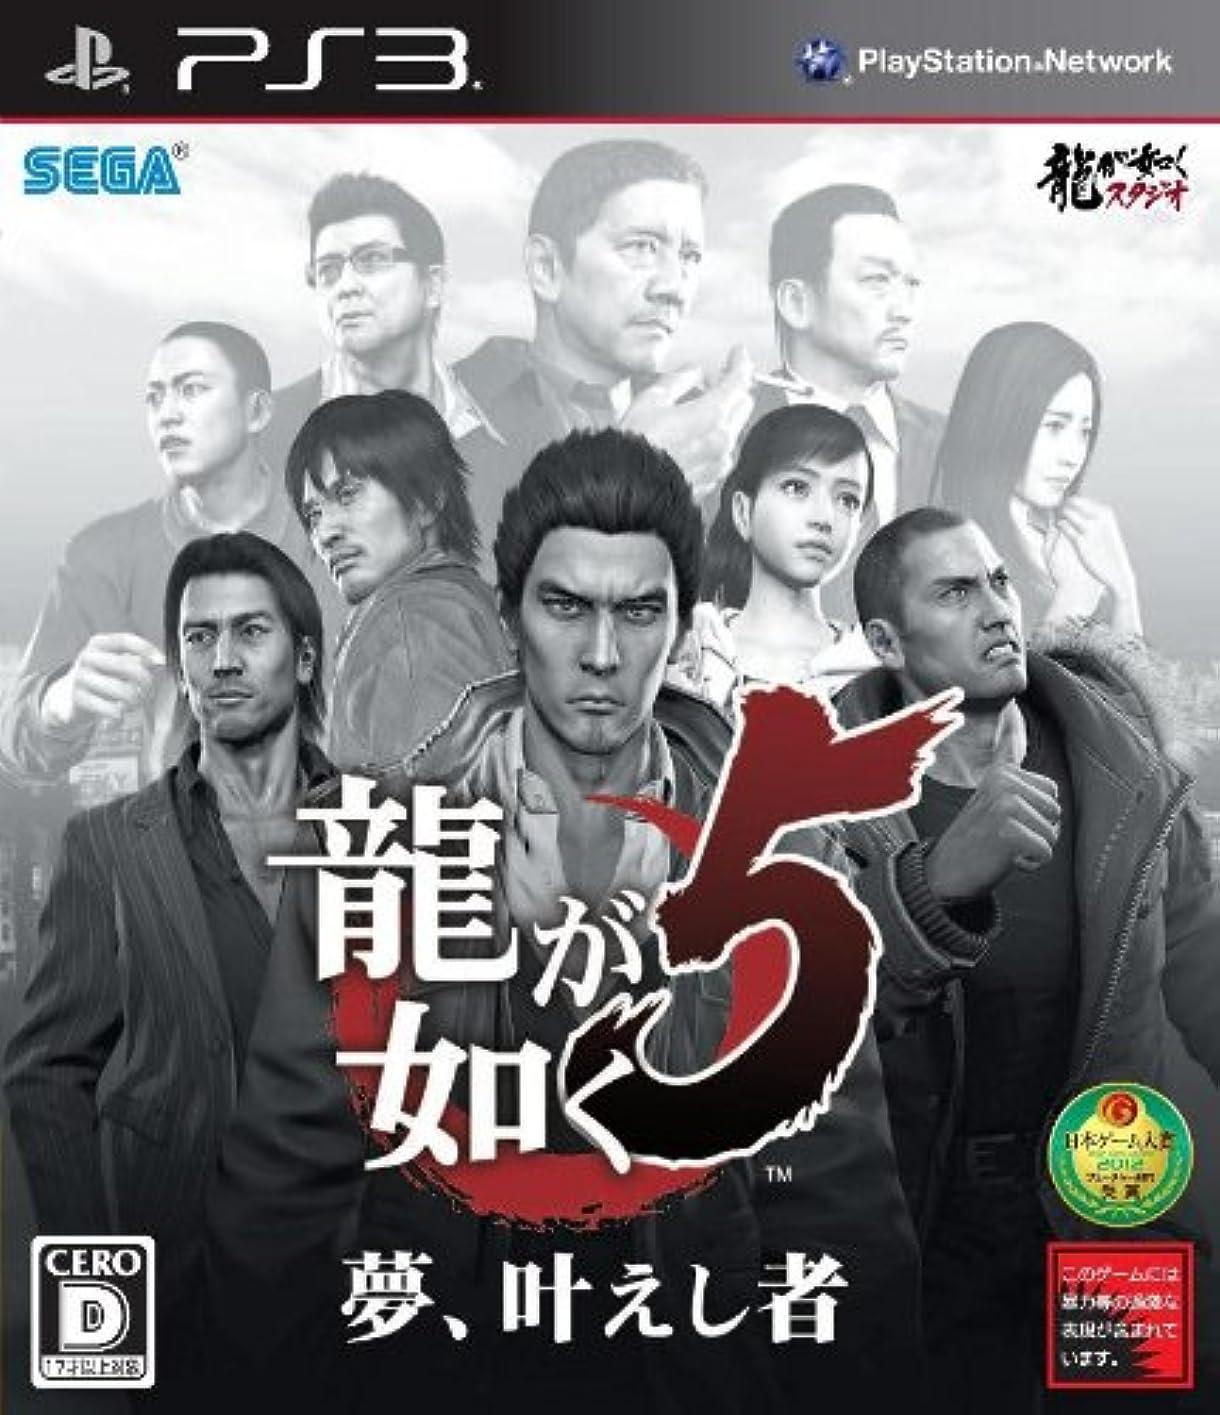 ファンワットサークル龍が如く5 夢、叶えし者 - PS3